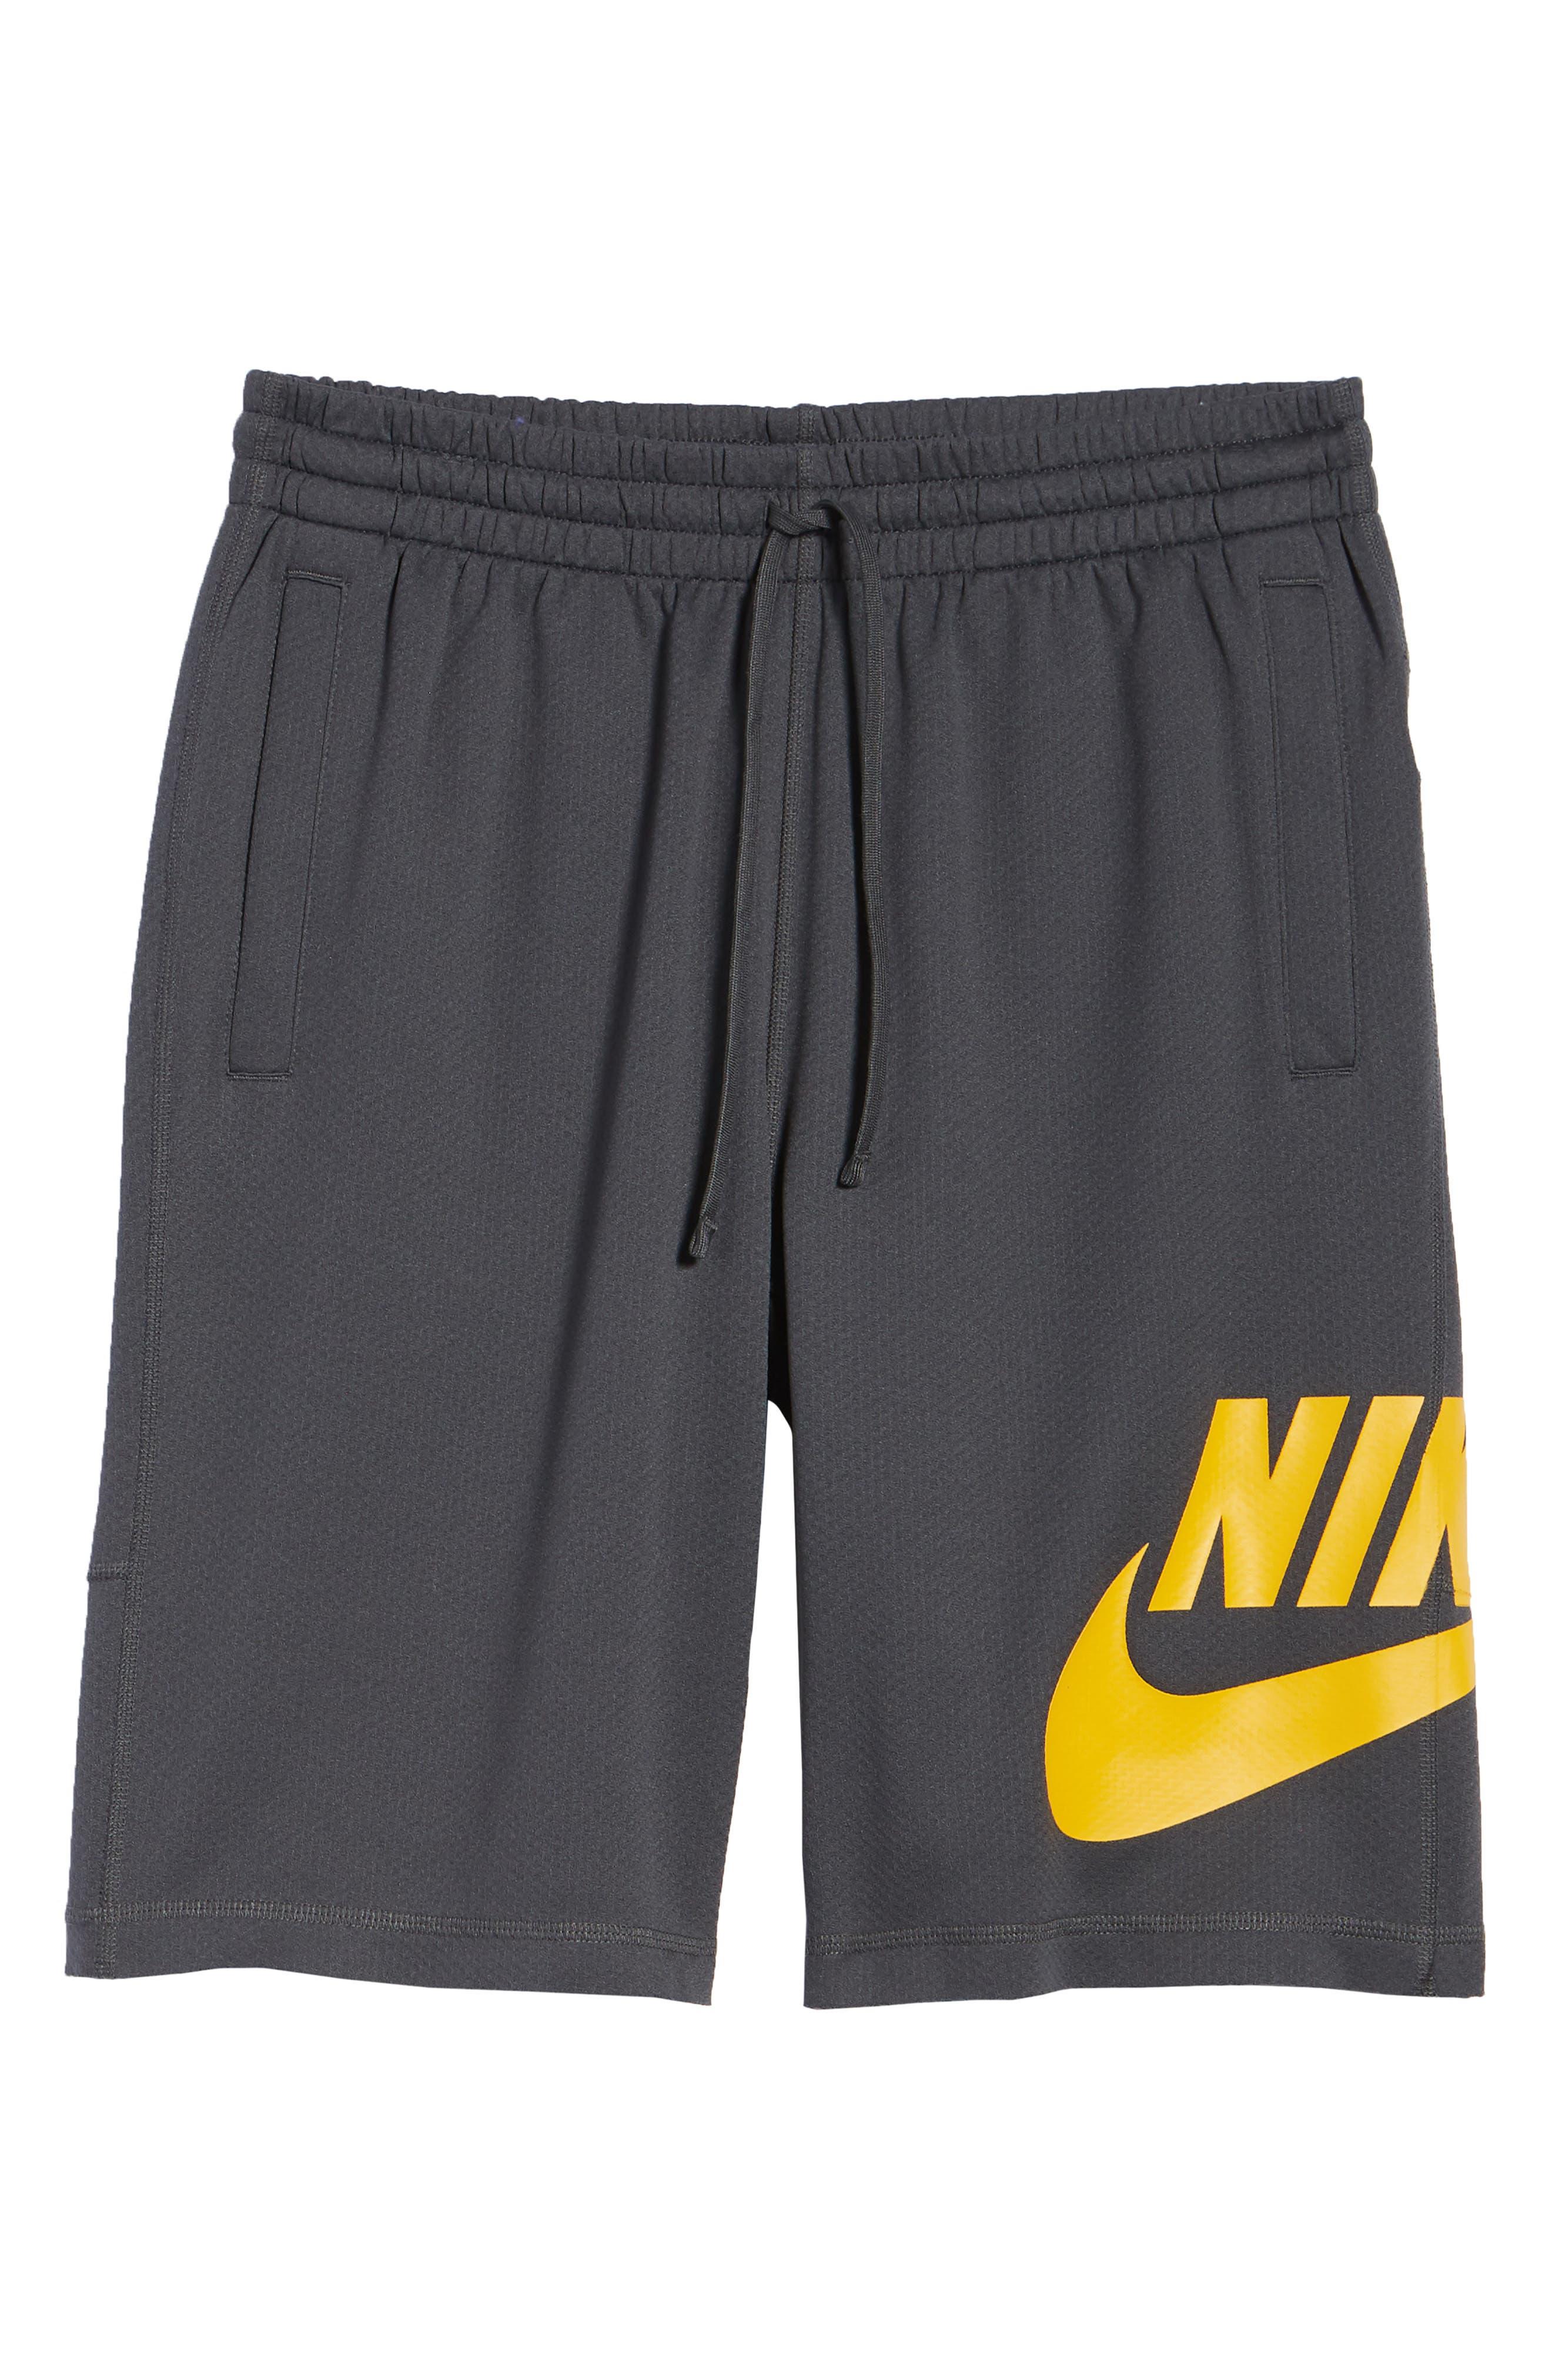 Sunday Dri-FIT Shorts,                             Alternate thumbnail 60, color,